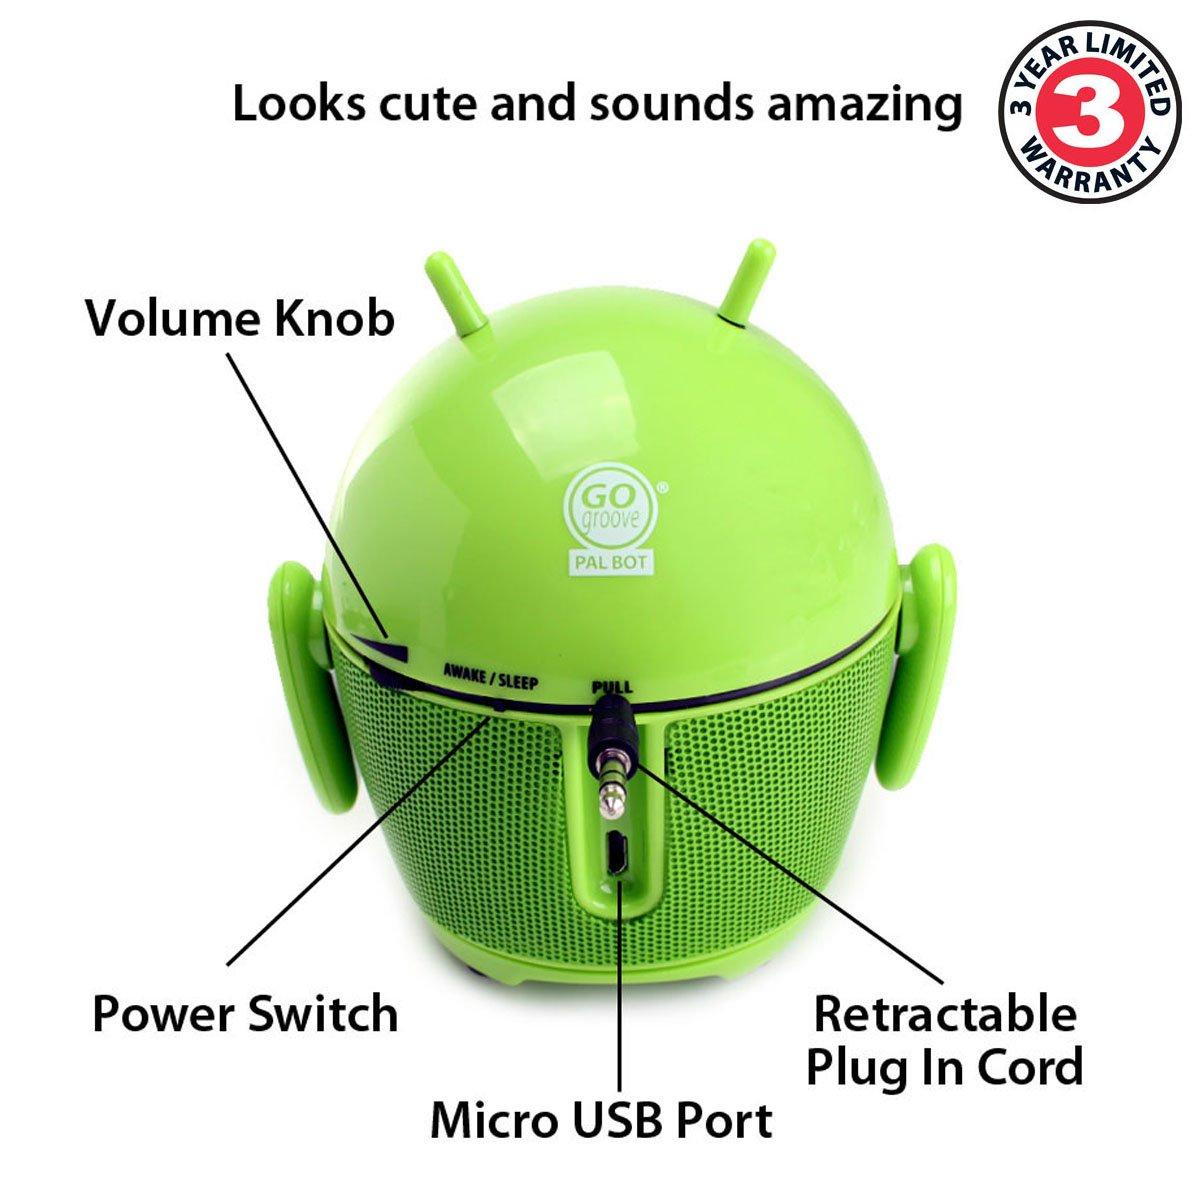 GOgroove PALBOT Mini Lautsprecher / Nachtlicht für Kinder, für Smartphones von Apple & Android, PC's, Laptops & Tablets, Grün by GOgroove